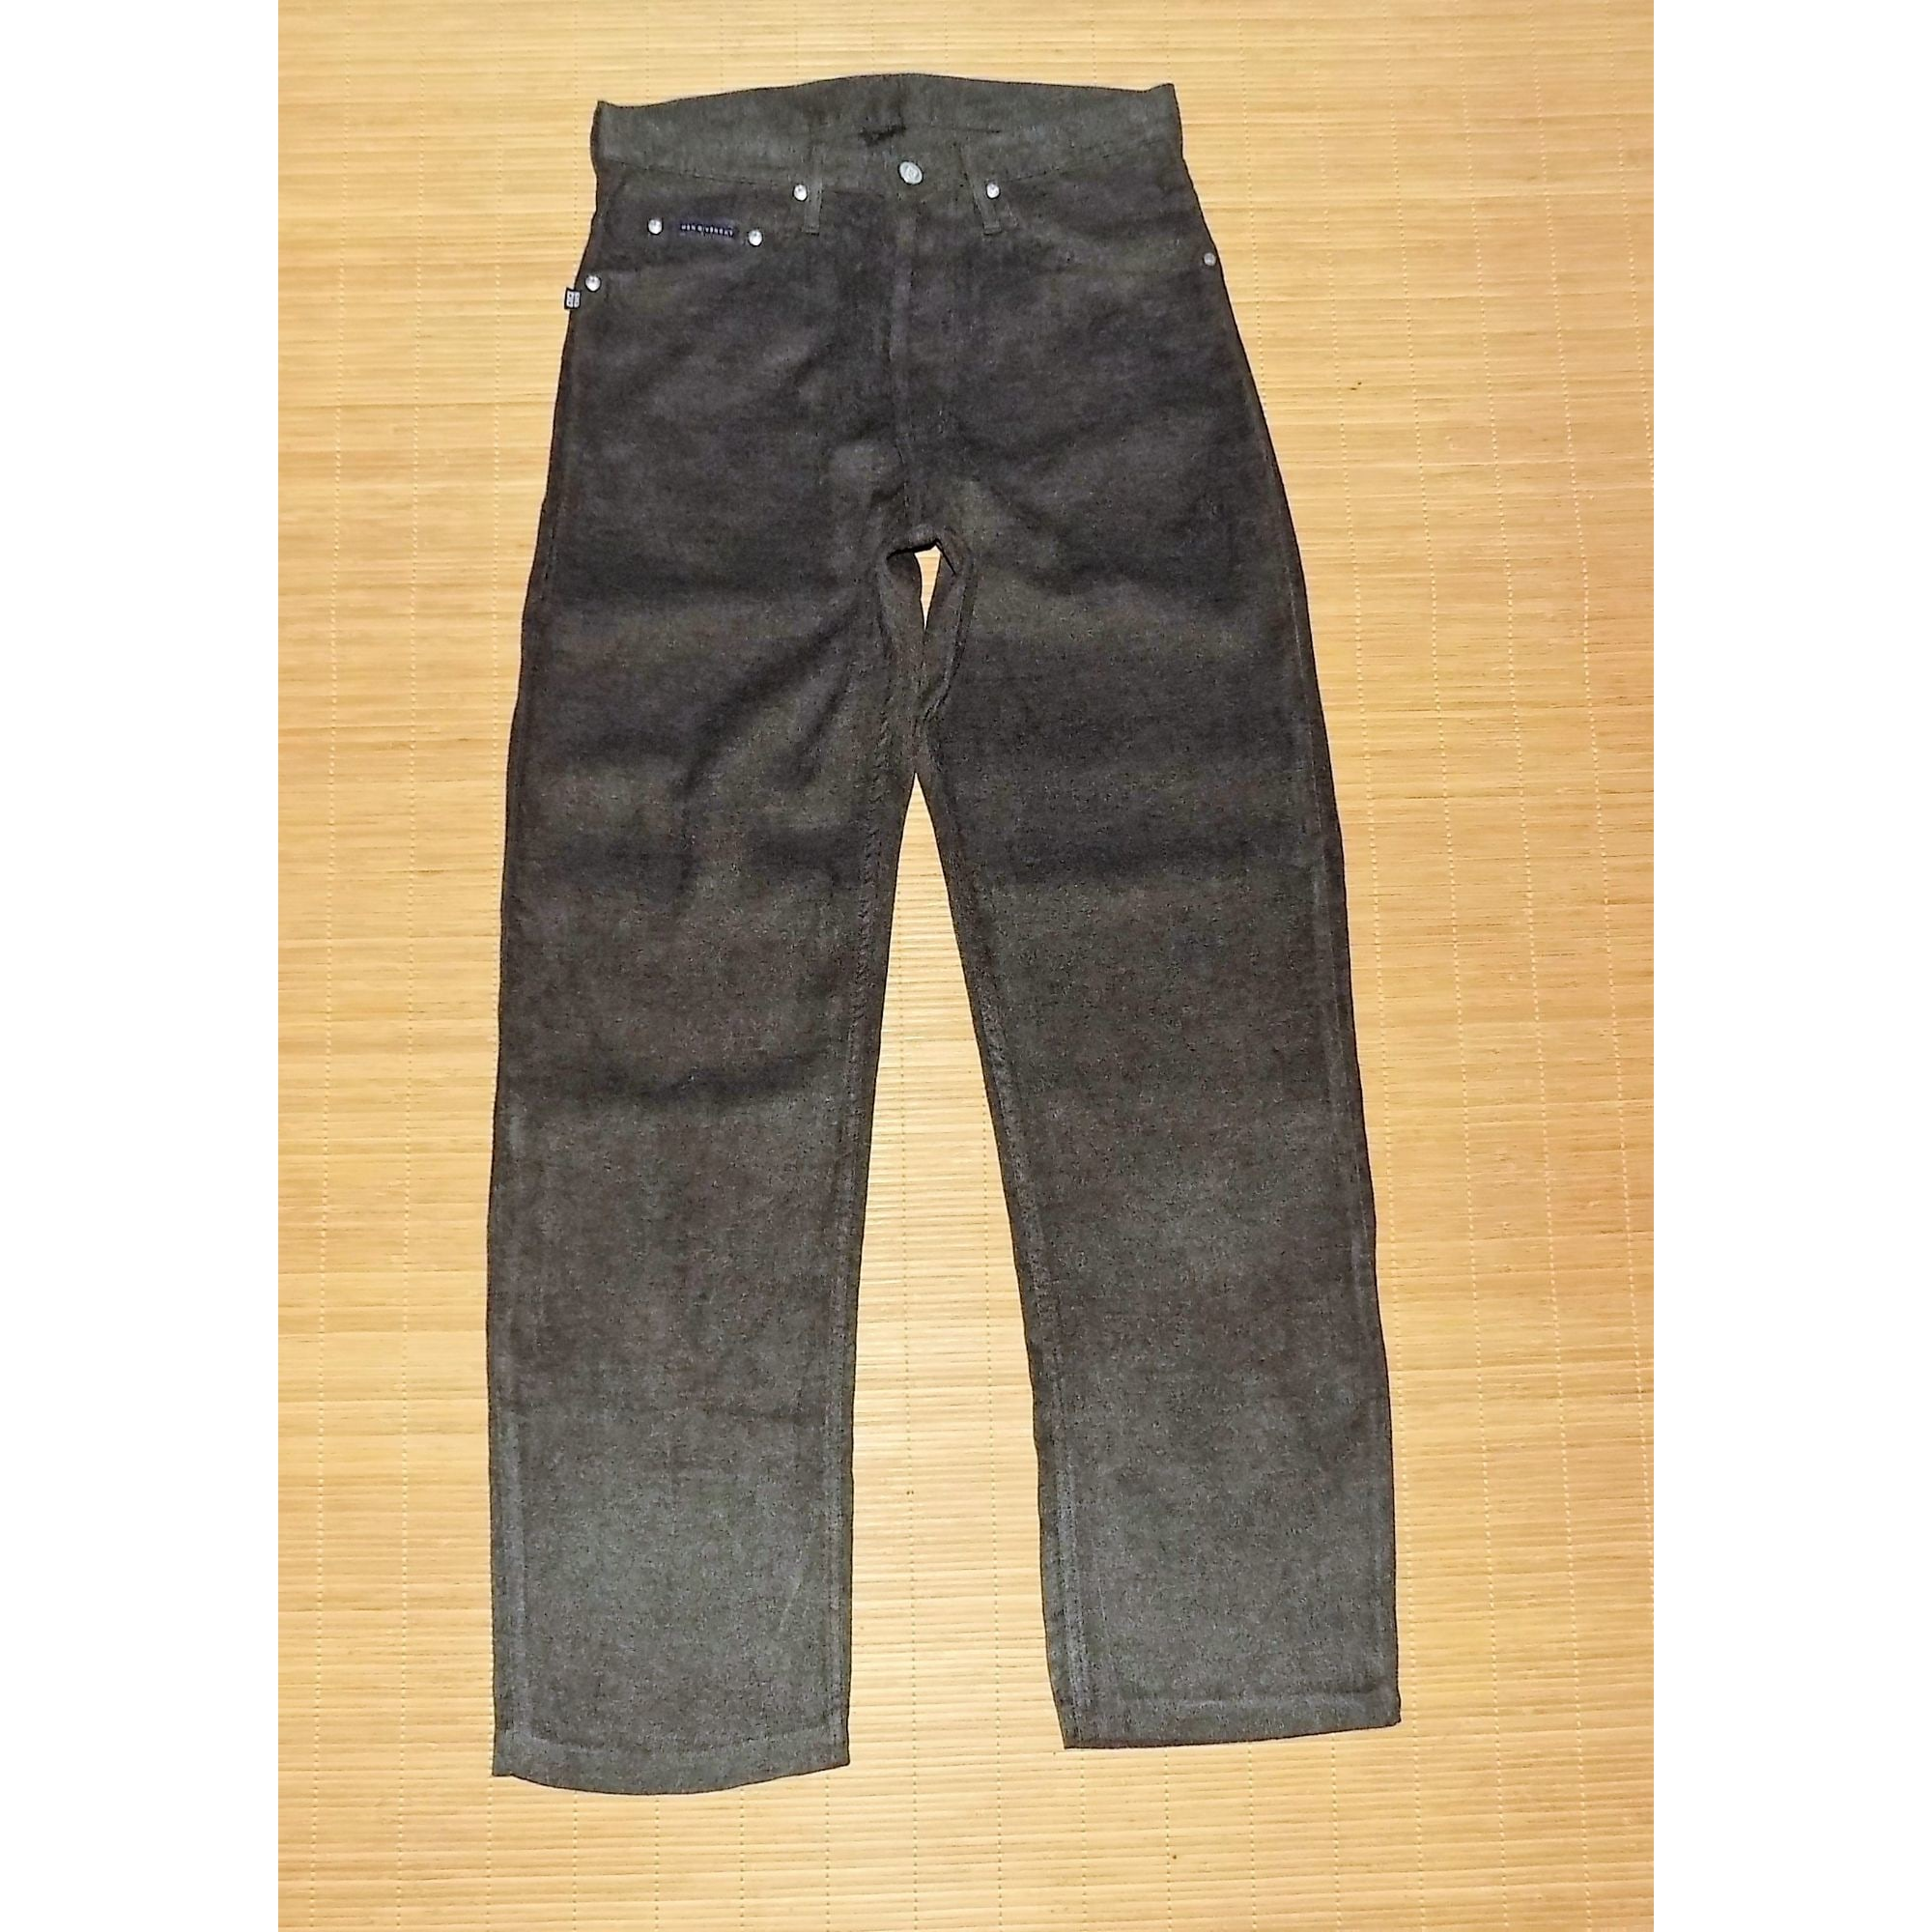 Pantalon droit GIVENCHY Gris, anthracite